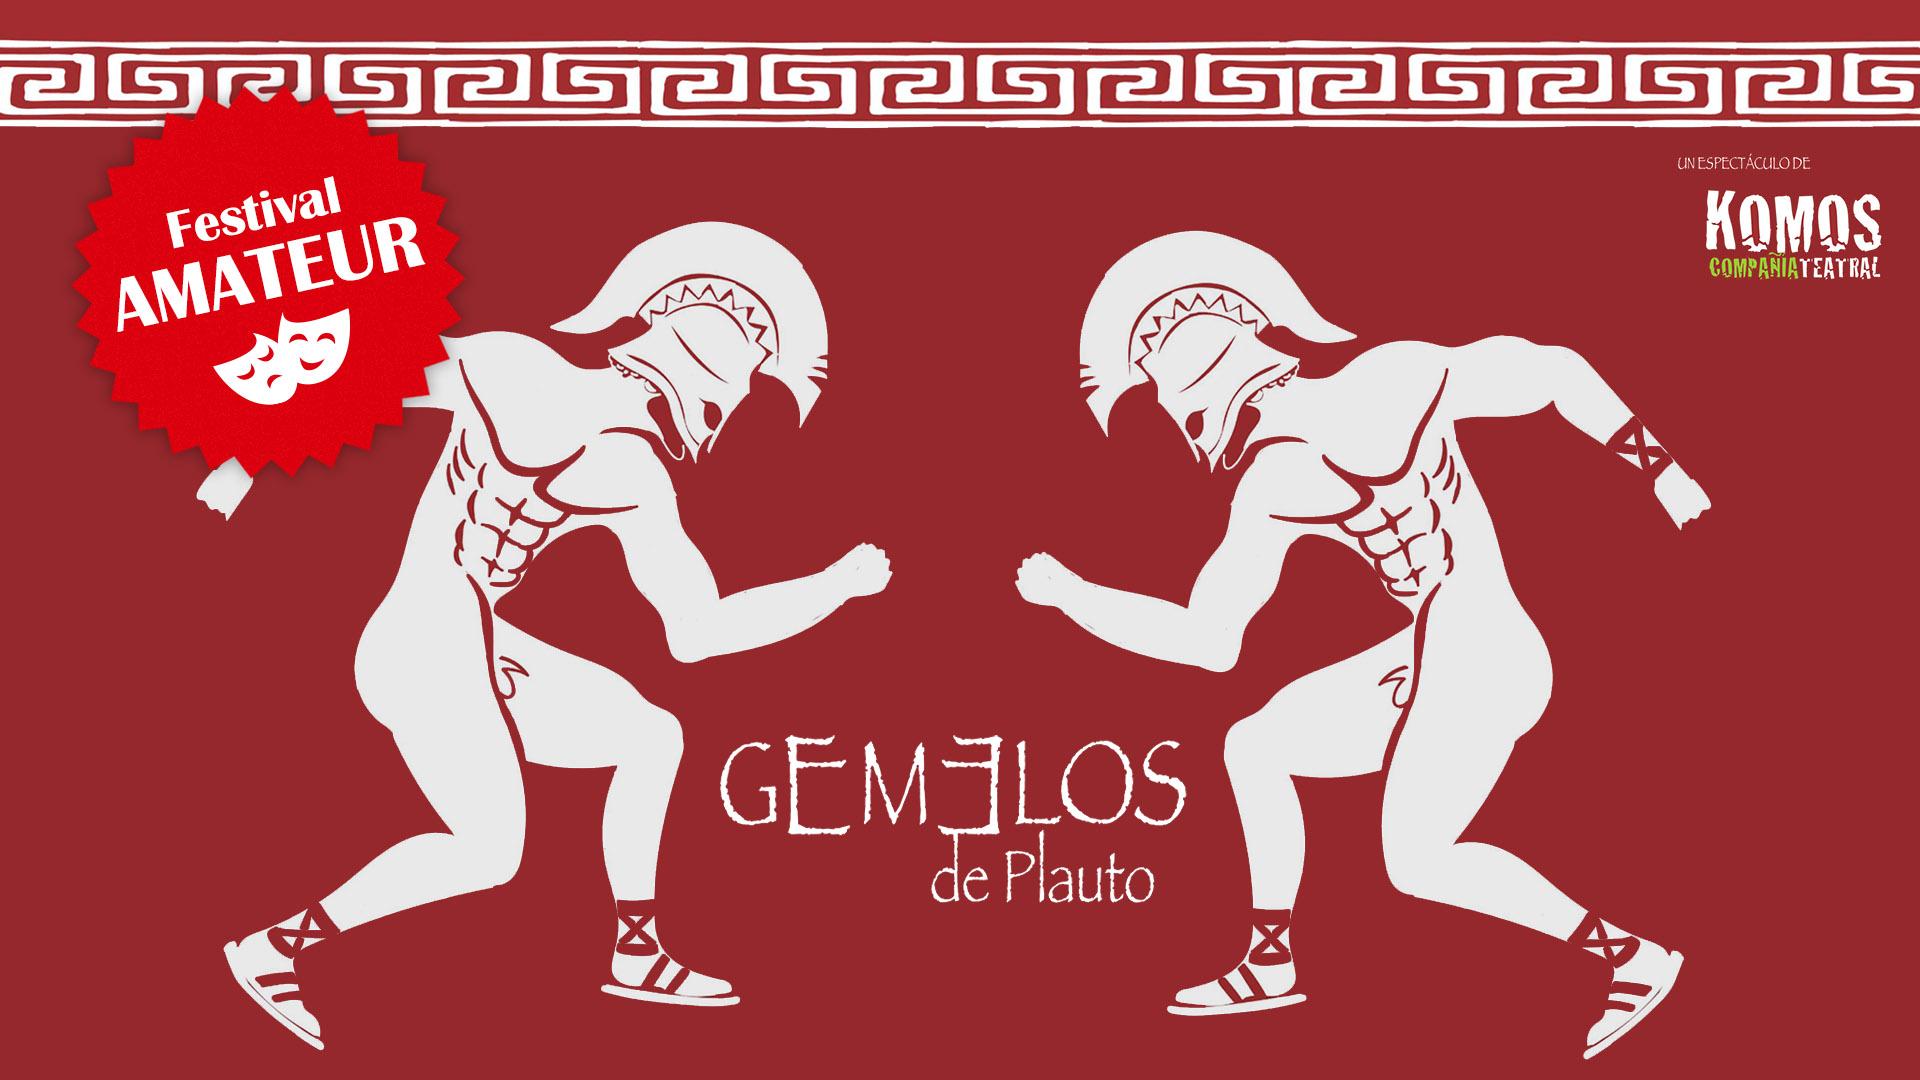 Imagen galeria GEMELOS DE PLAUTO (FESTIVAL AMATEUR)